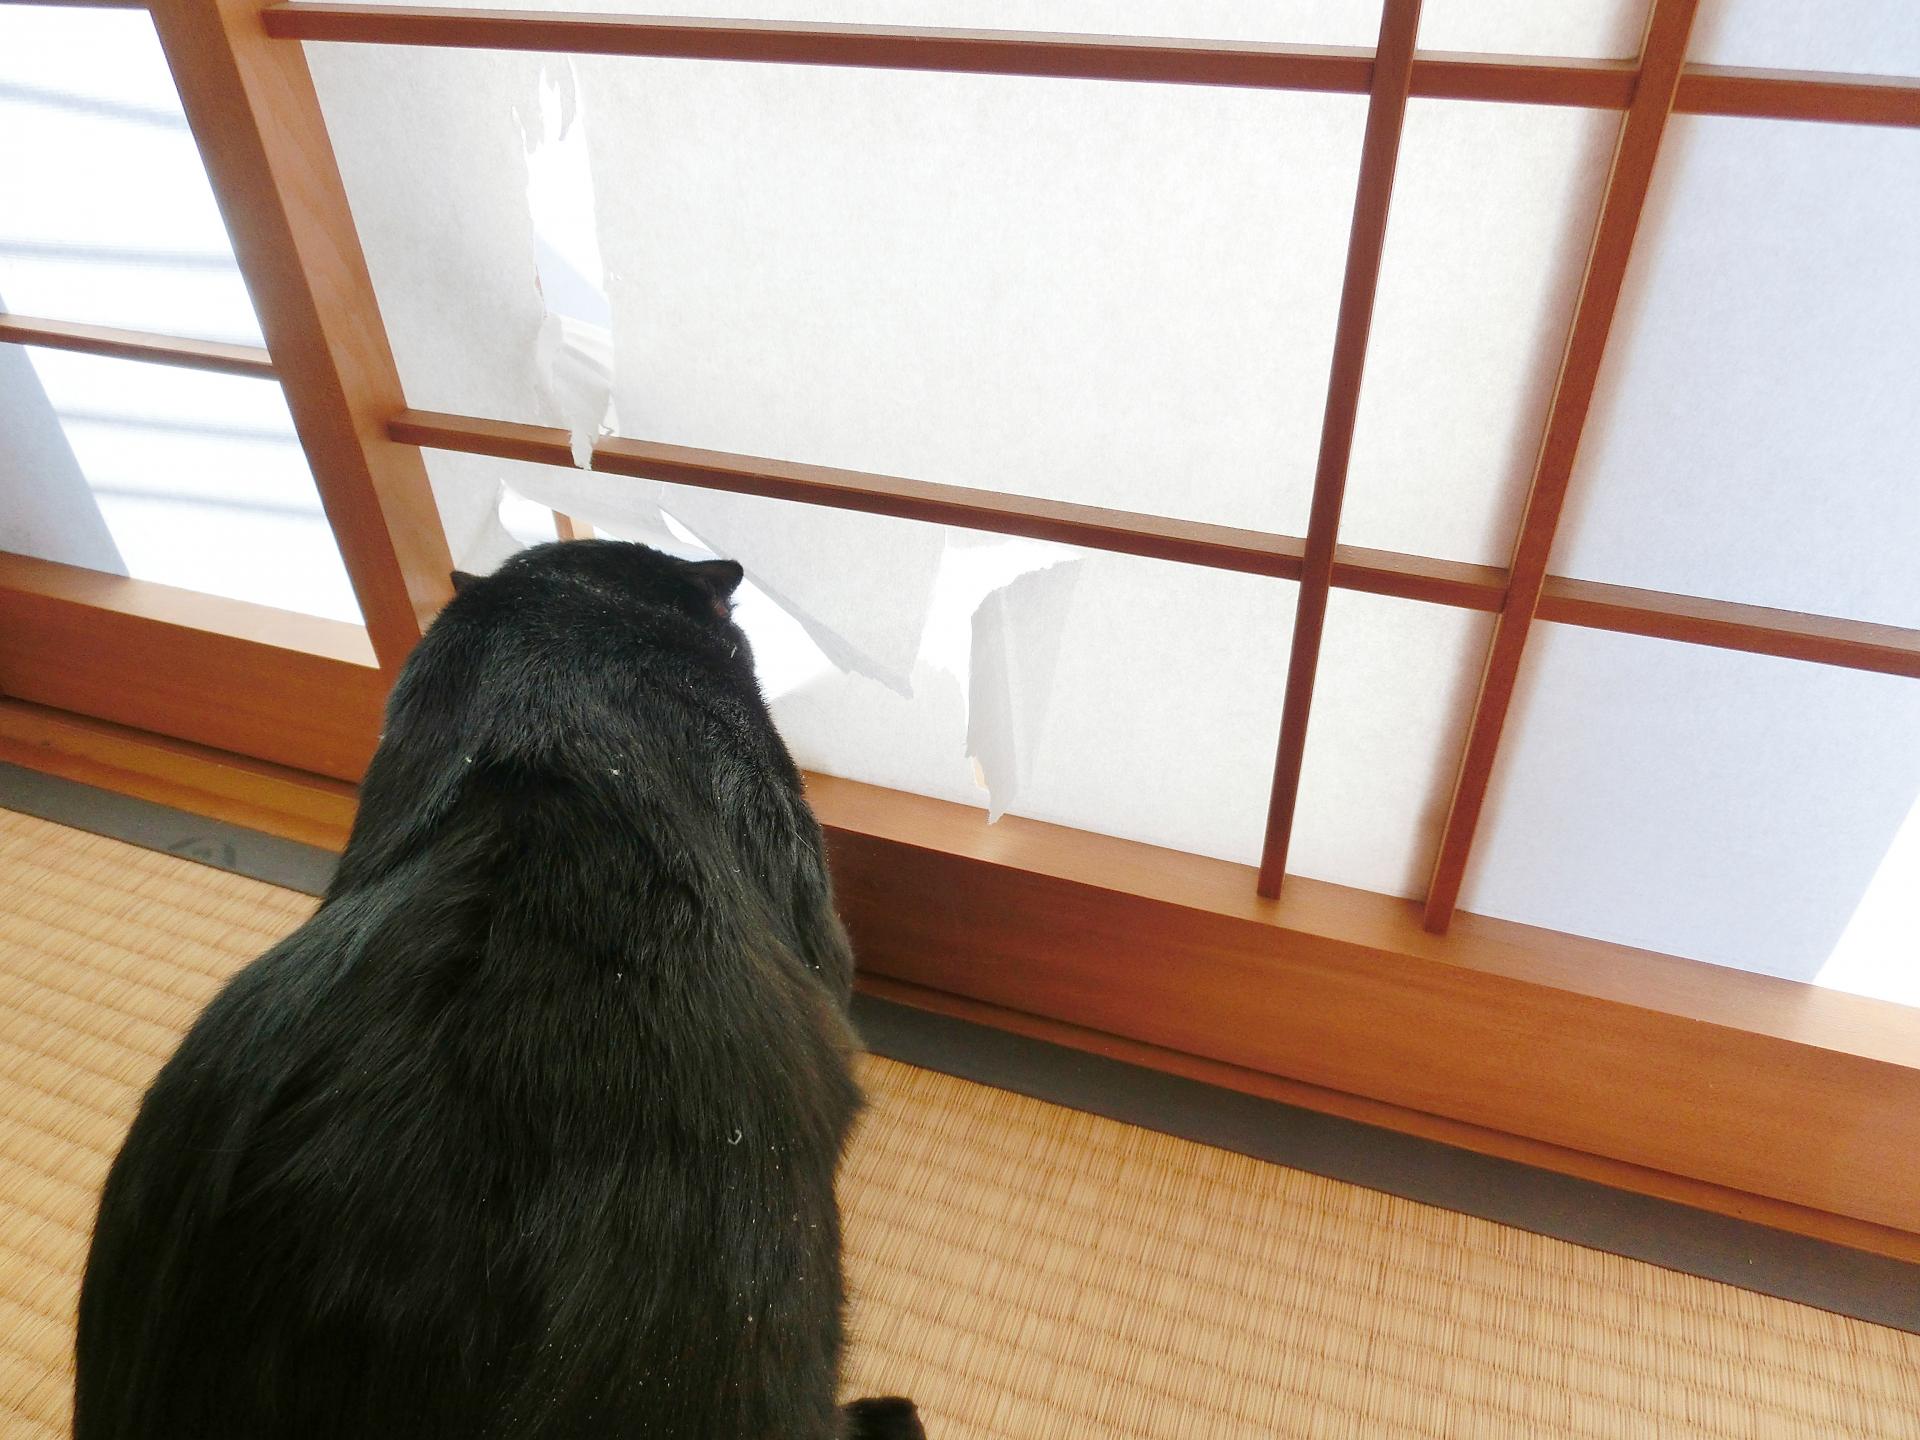 猫が網戸を破る、登るなど困った時の対処法あれこれ!